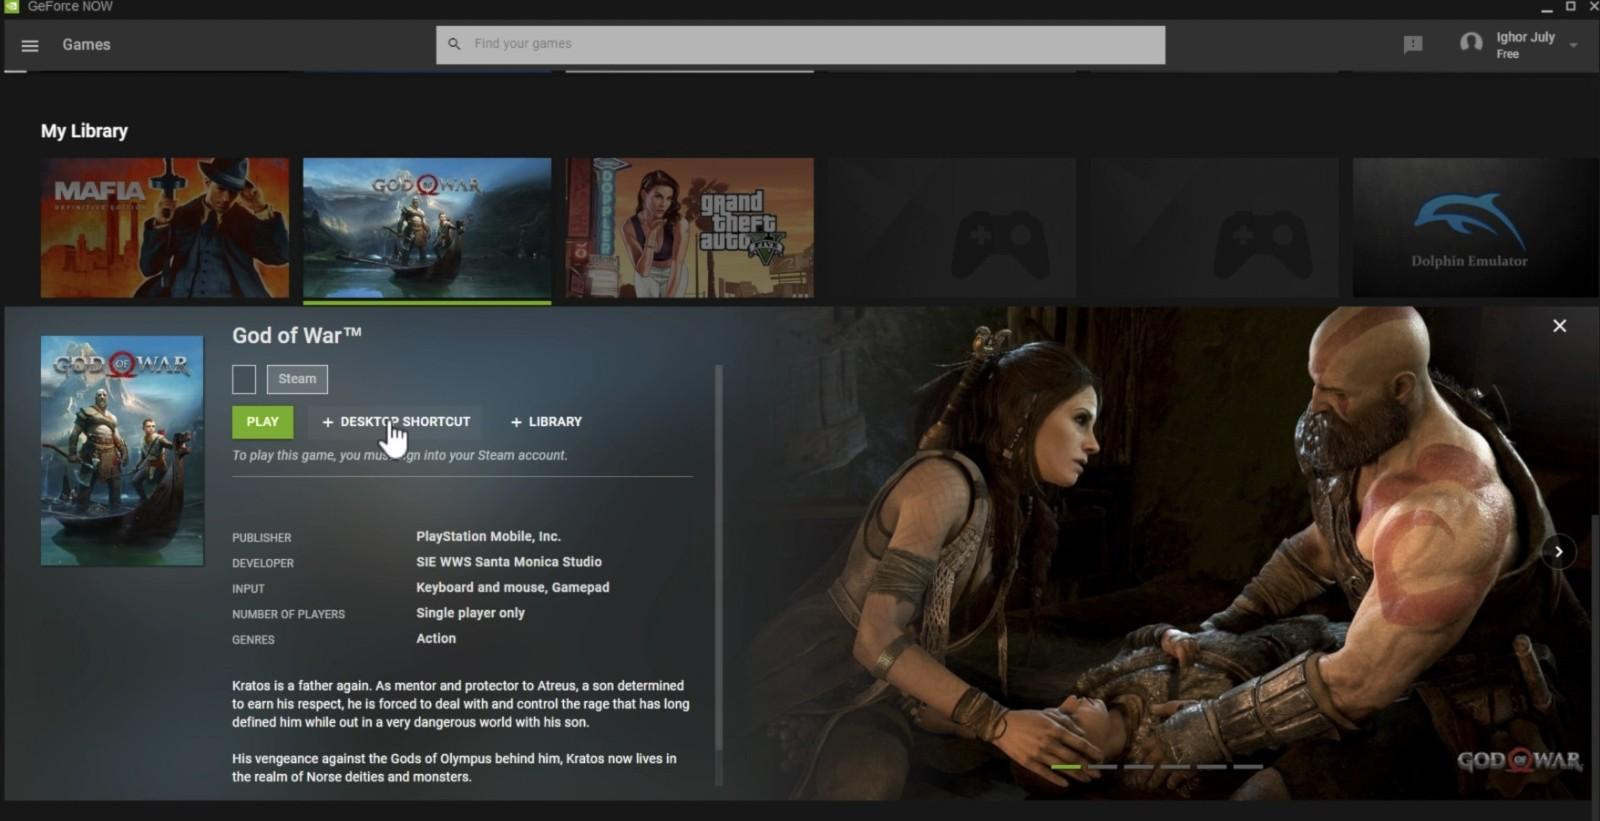 英伟达证实泄露游戏名单确实存在 但内容仅供测试使用